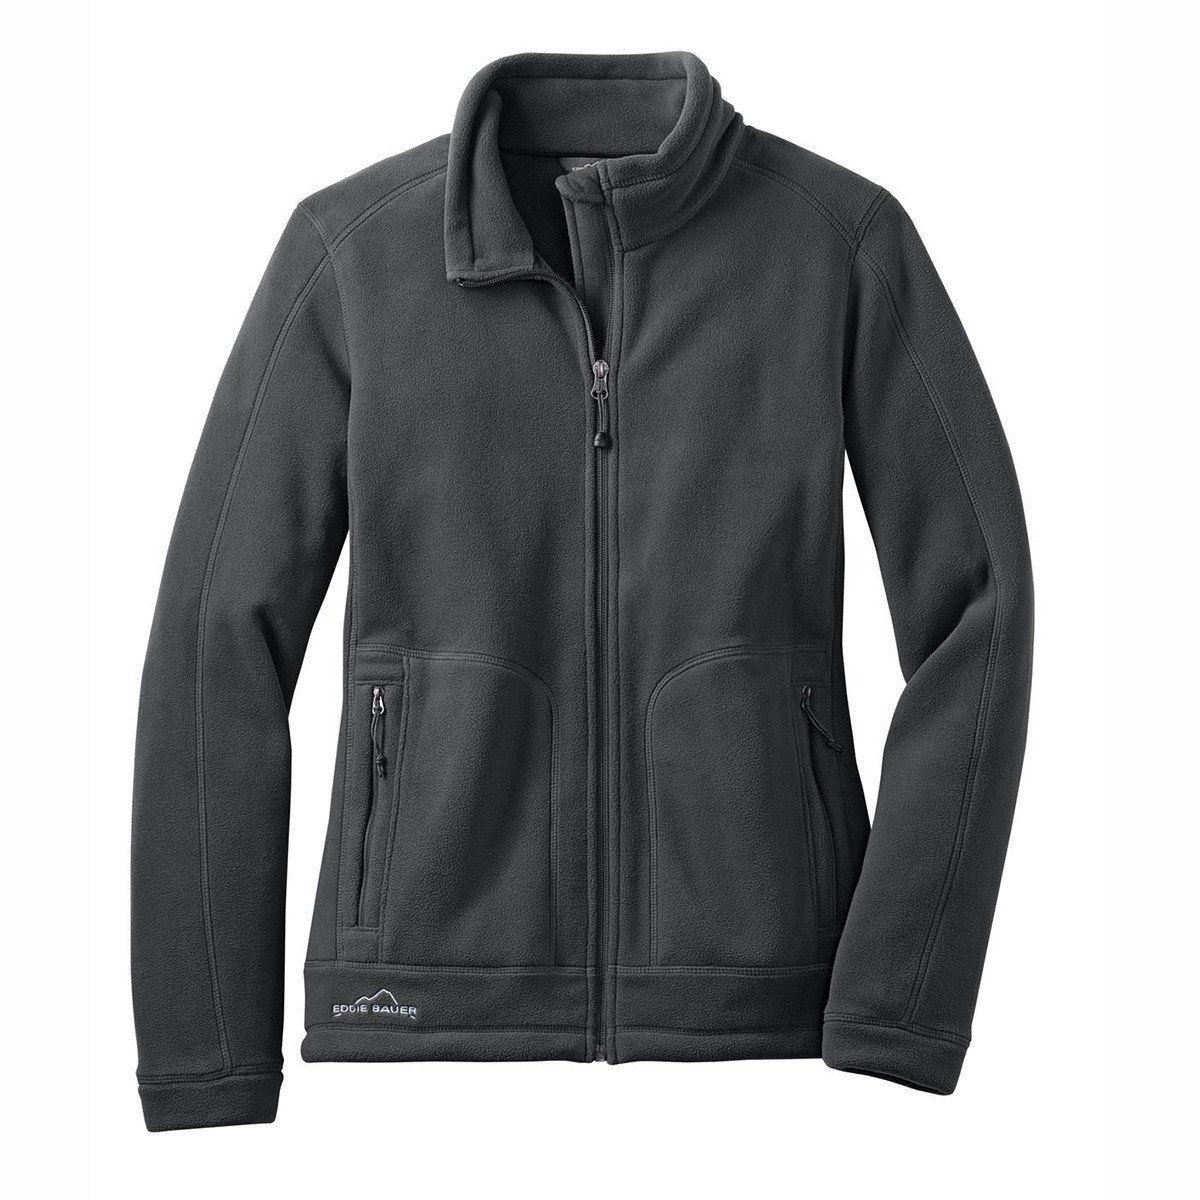 Eddie bauer womenus iron gate wind resistant fullzip fleece jacket